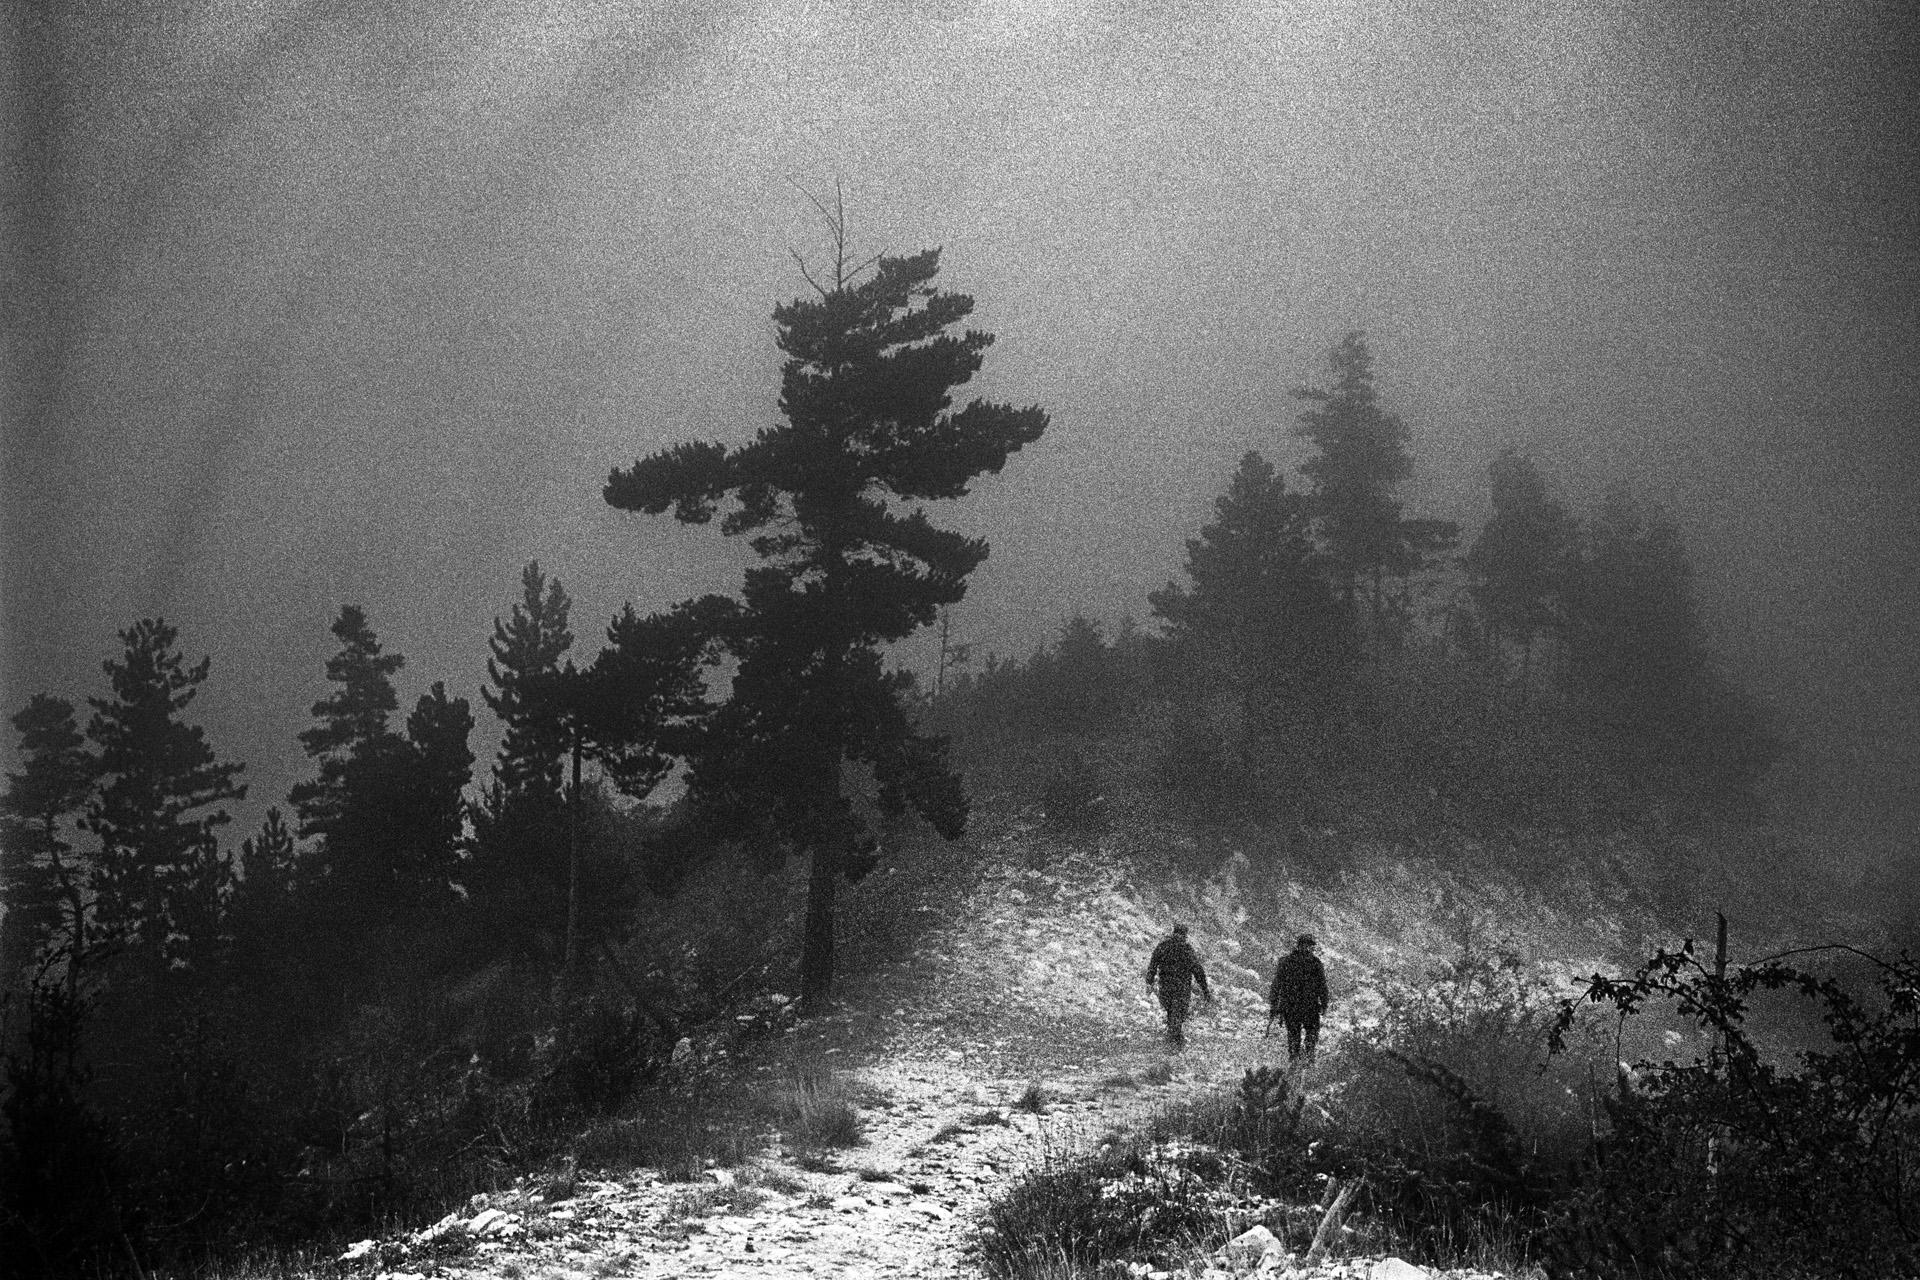 L'une des équipes de chasse à la battue (au sanglier) de Valdrôme. Paradoxalement, la plupart de ces chasseurs vient le l'Isère et n'est pas originaire de Valdrôme. Ils sont là chaque week-end. La chasse reste une tradition, même si une majorité des néo-ruraux ne la pratique pas.